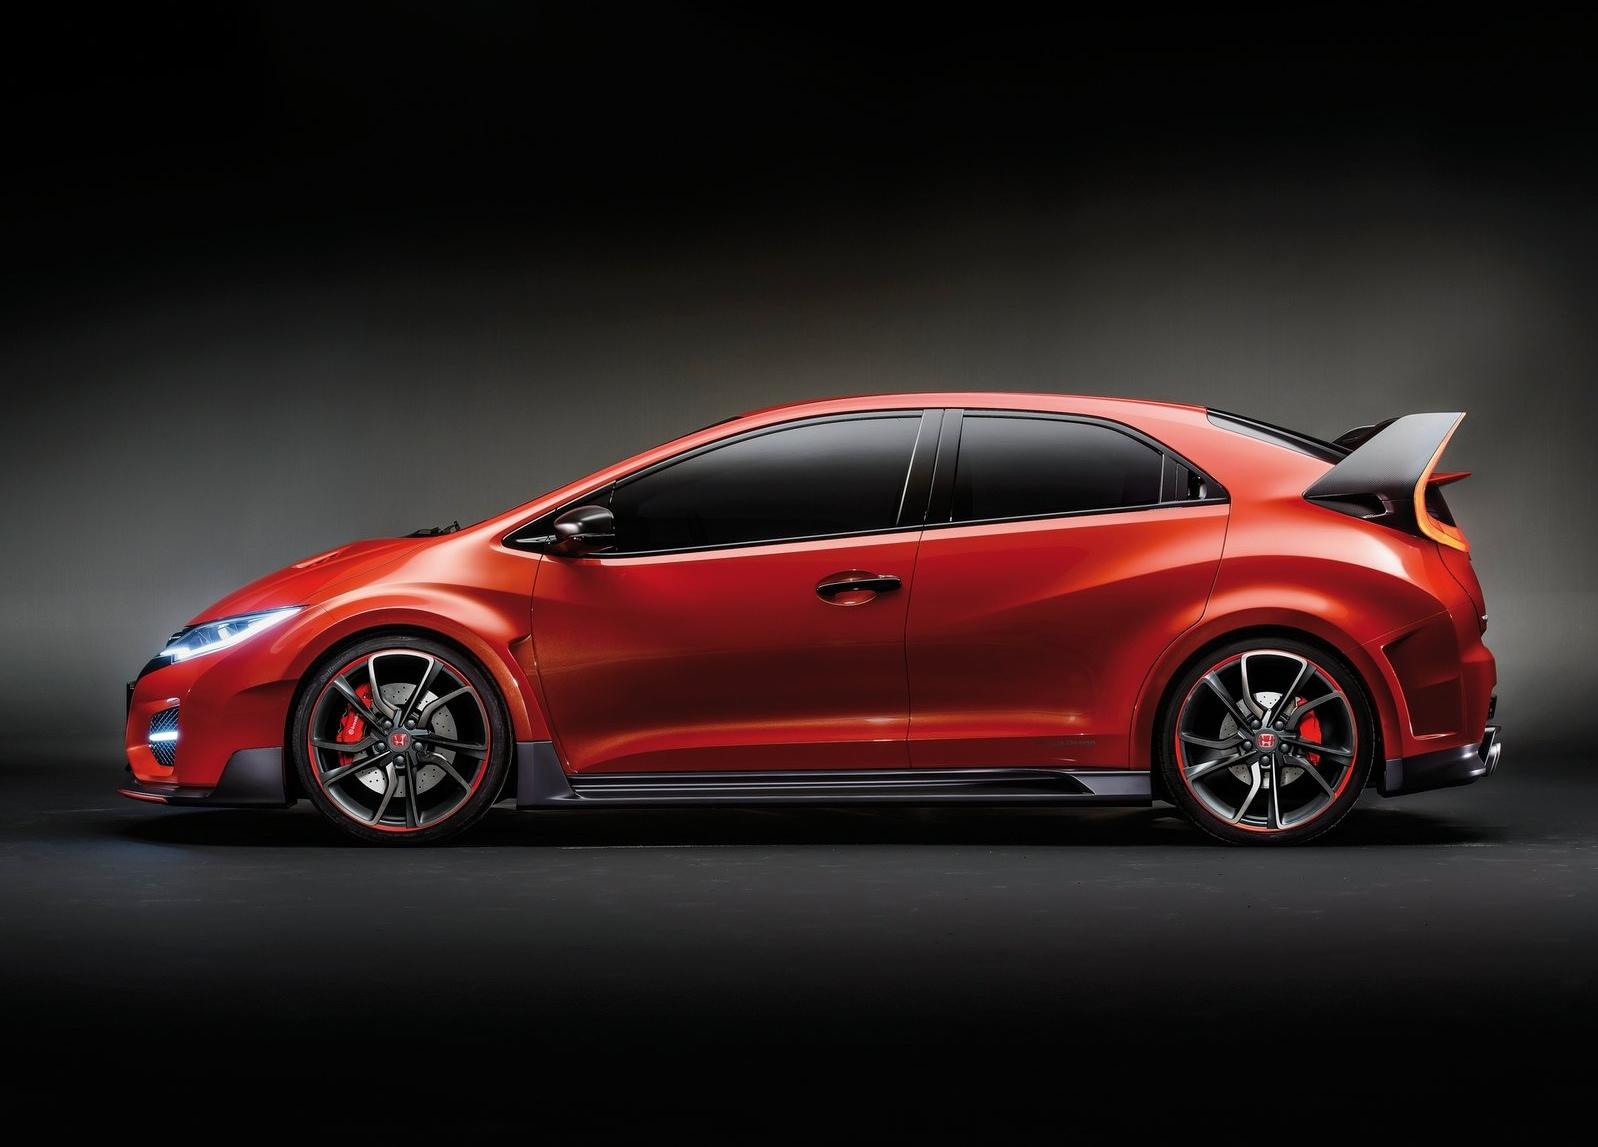 2014 Honda Civic TypeR kocept